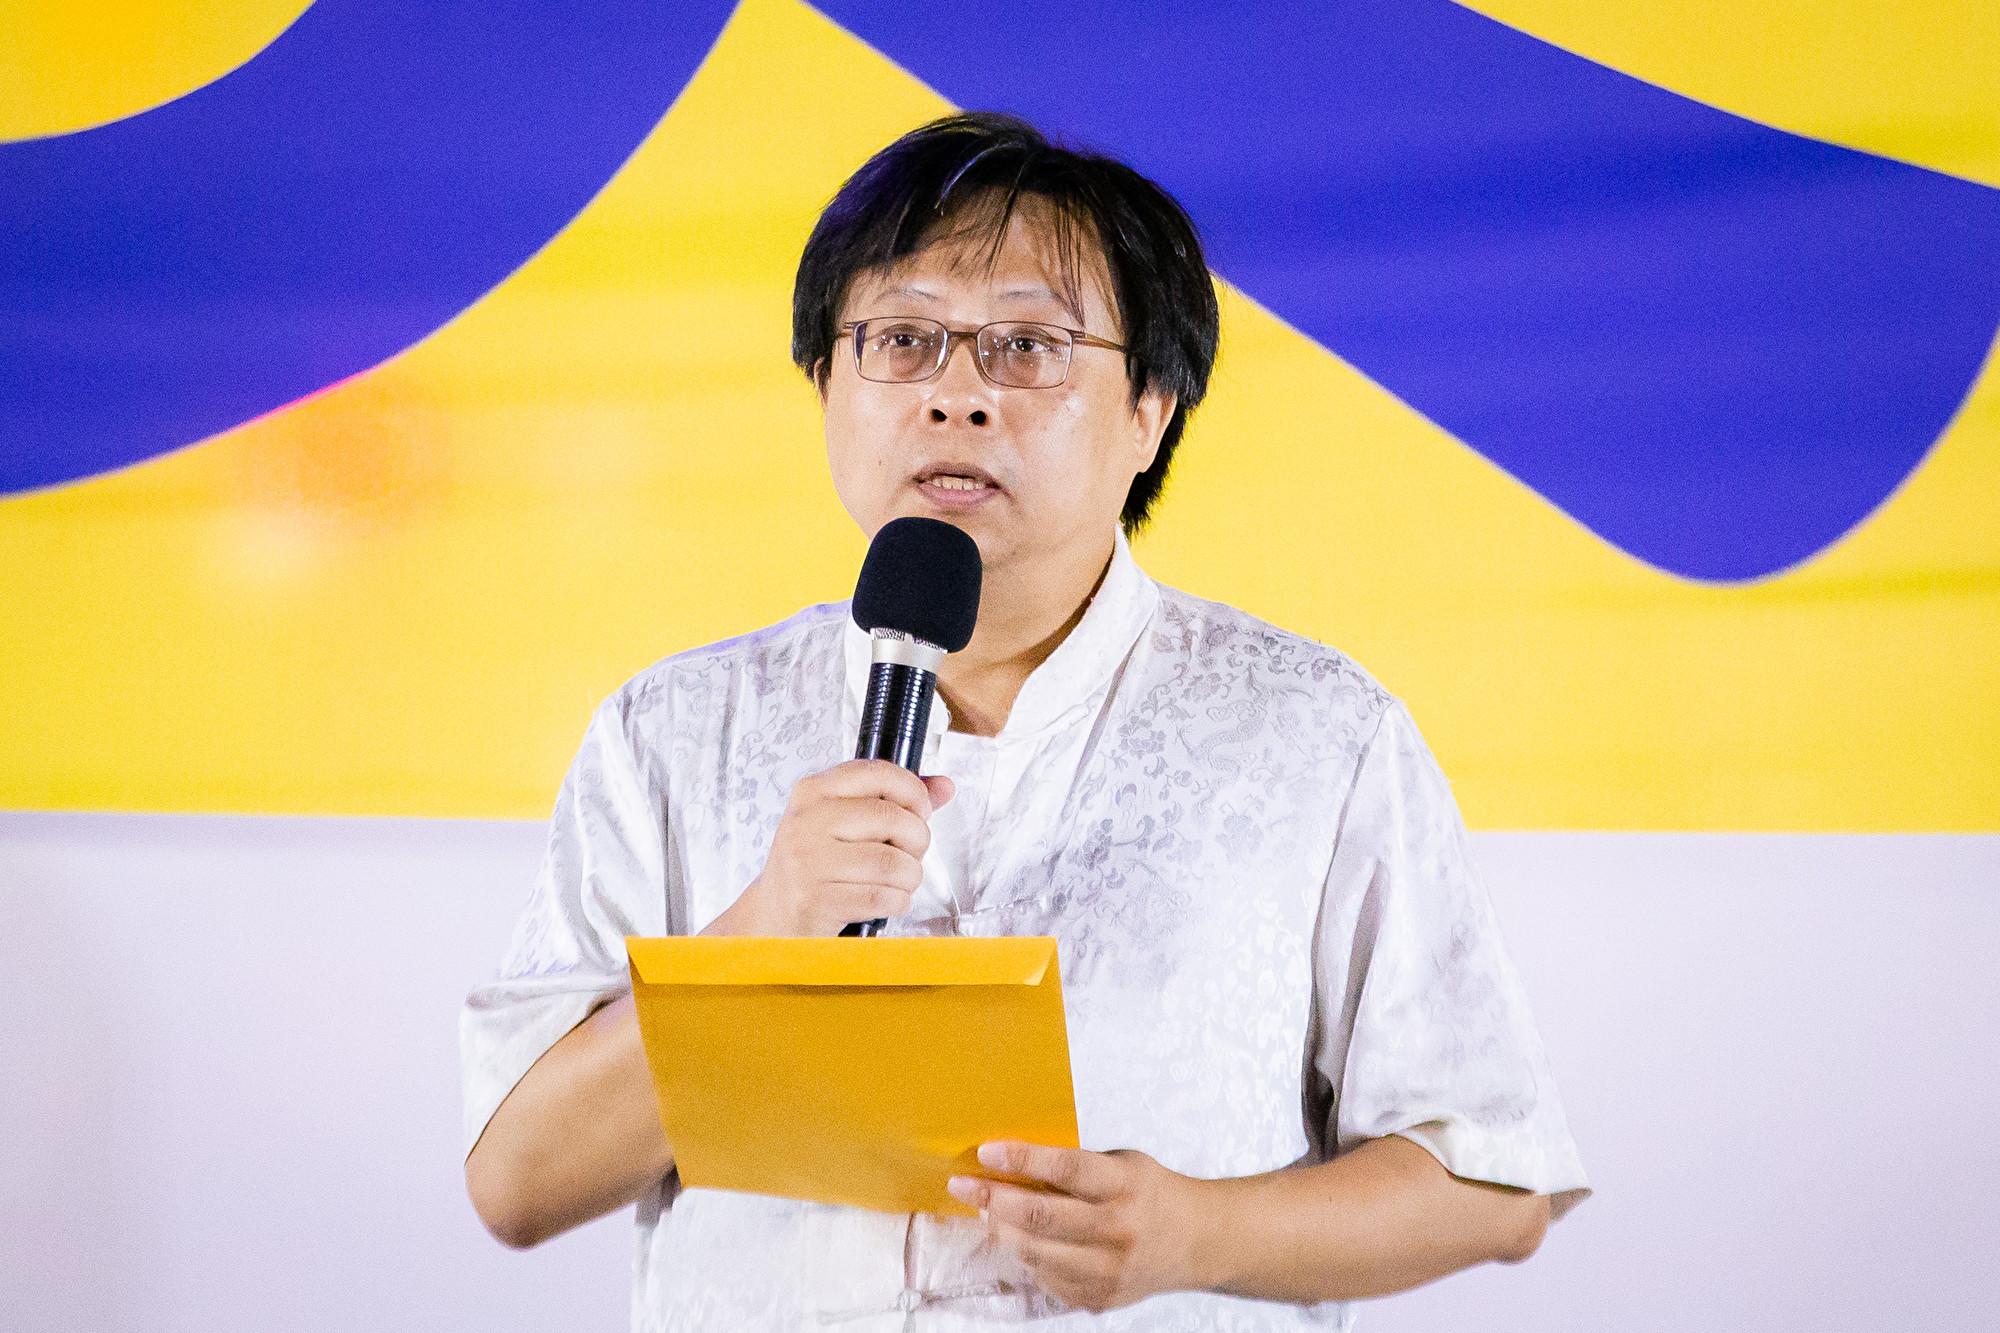 台灣北部部份法輪功學員7月20日晚間,在台北市民廣場舉行反迫害20周年記者會暨燭光悼念會。圖為華人民主書院董事長曾建元出席發言。(陳柏州/大紀元)